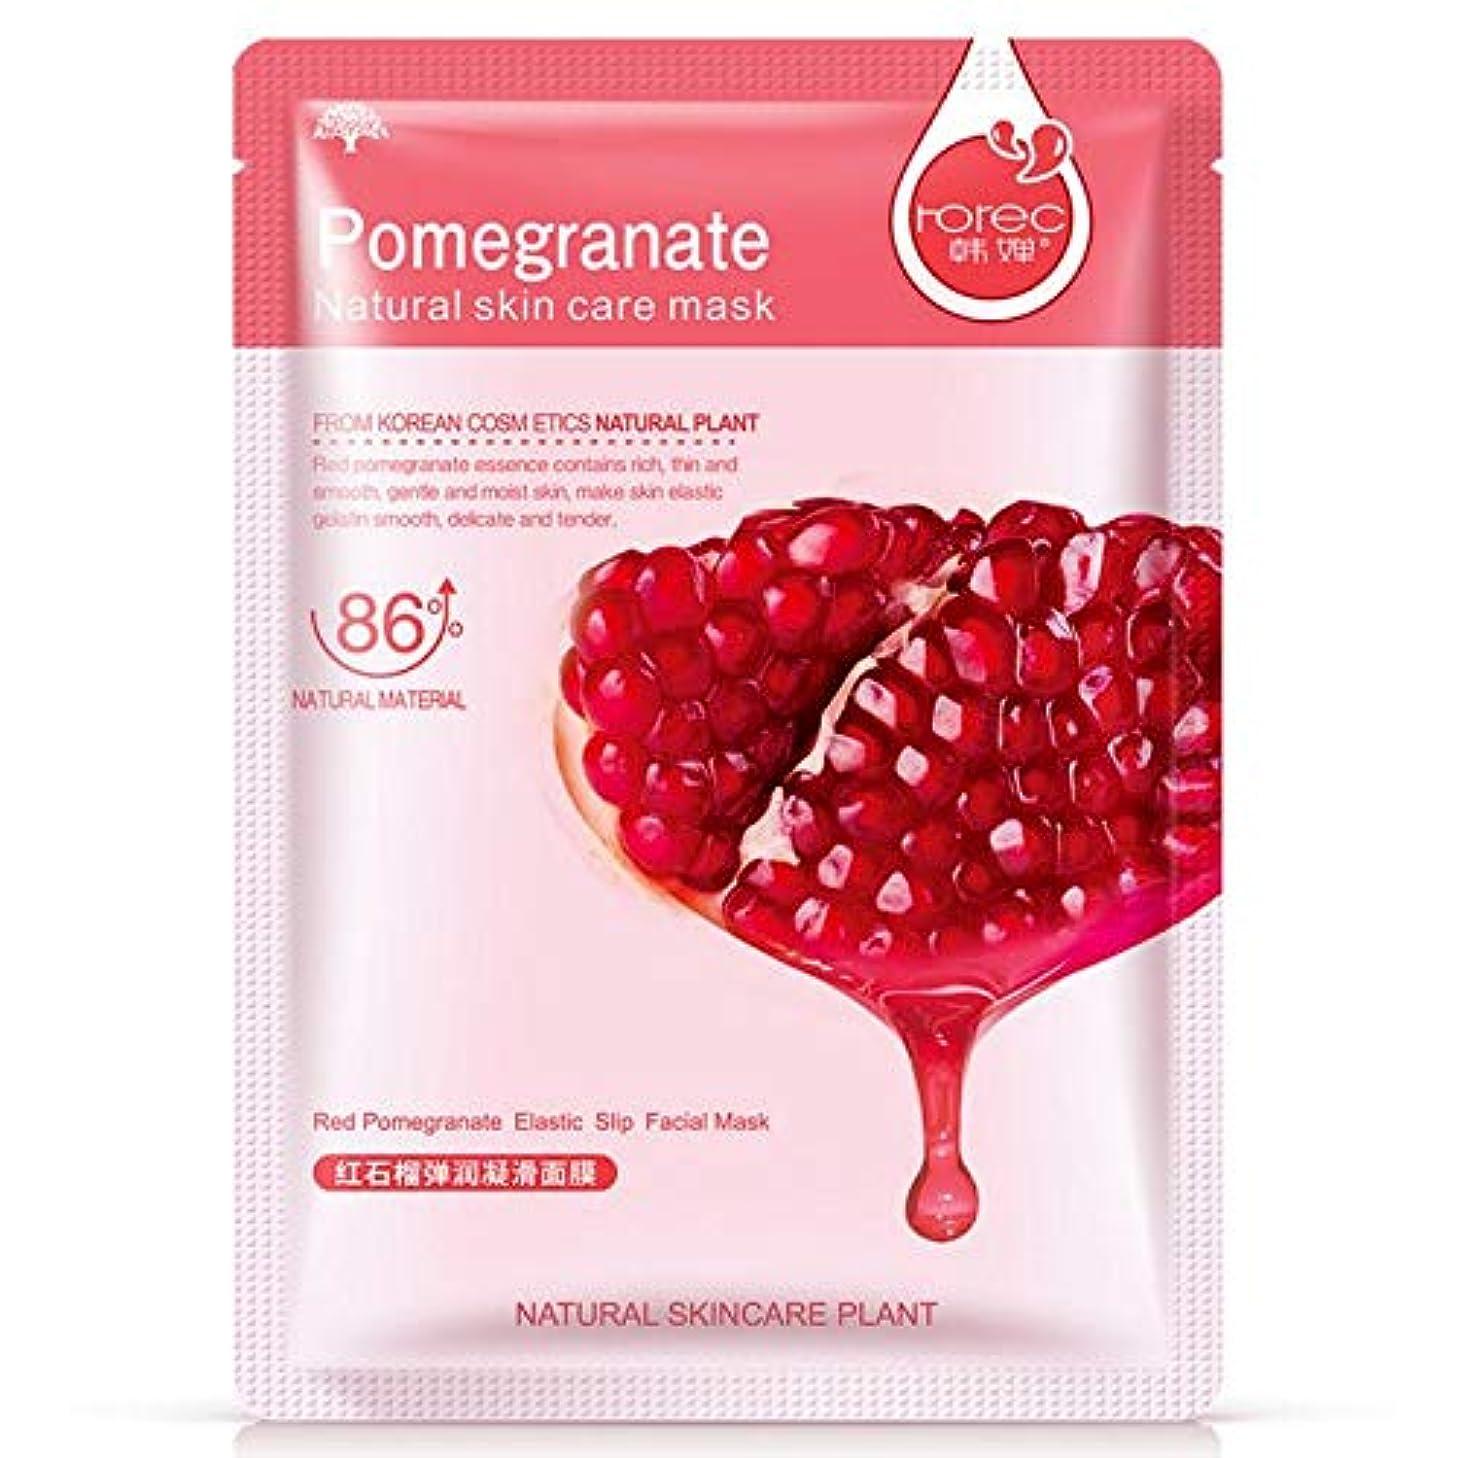 遊具そうでなければ寛容な(Pomegranate) Skin Care Plant Facial Mask Moisturizing Oil Control Blackhead Remover Wrapped Mask Face Mask Face...